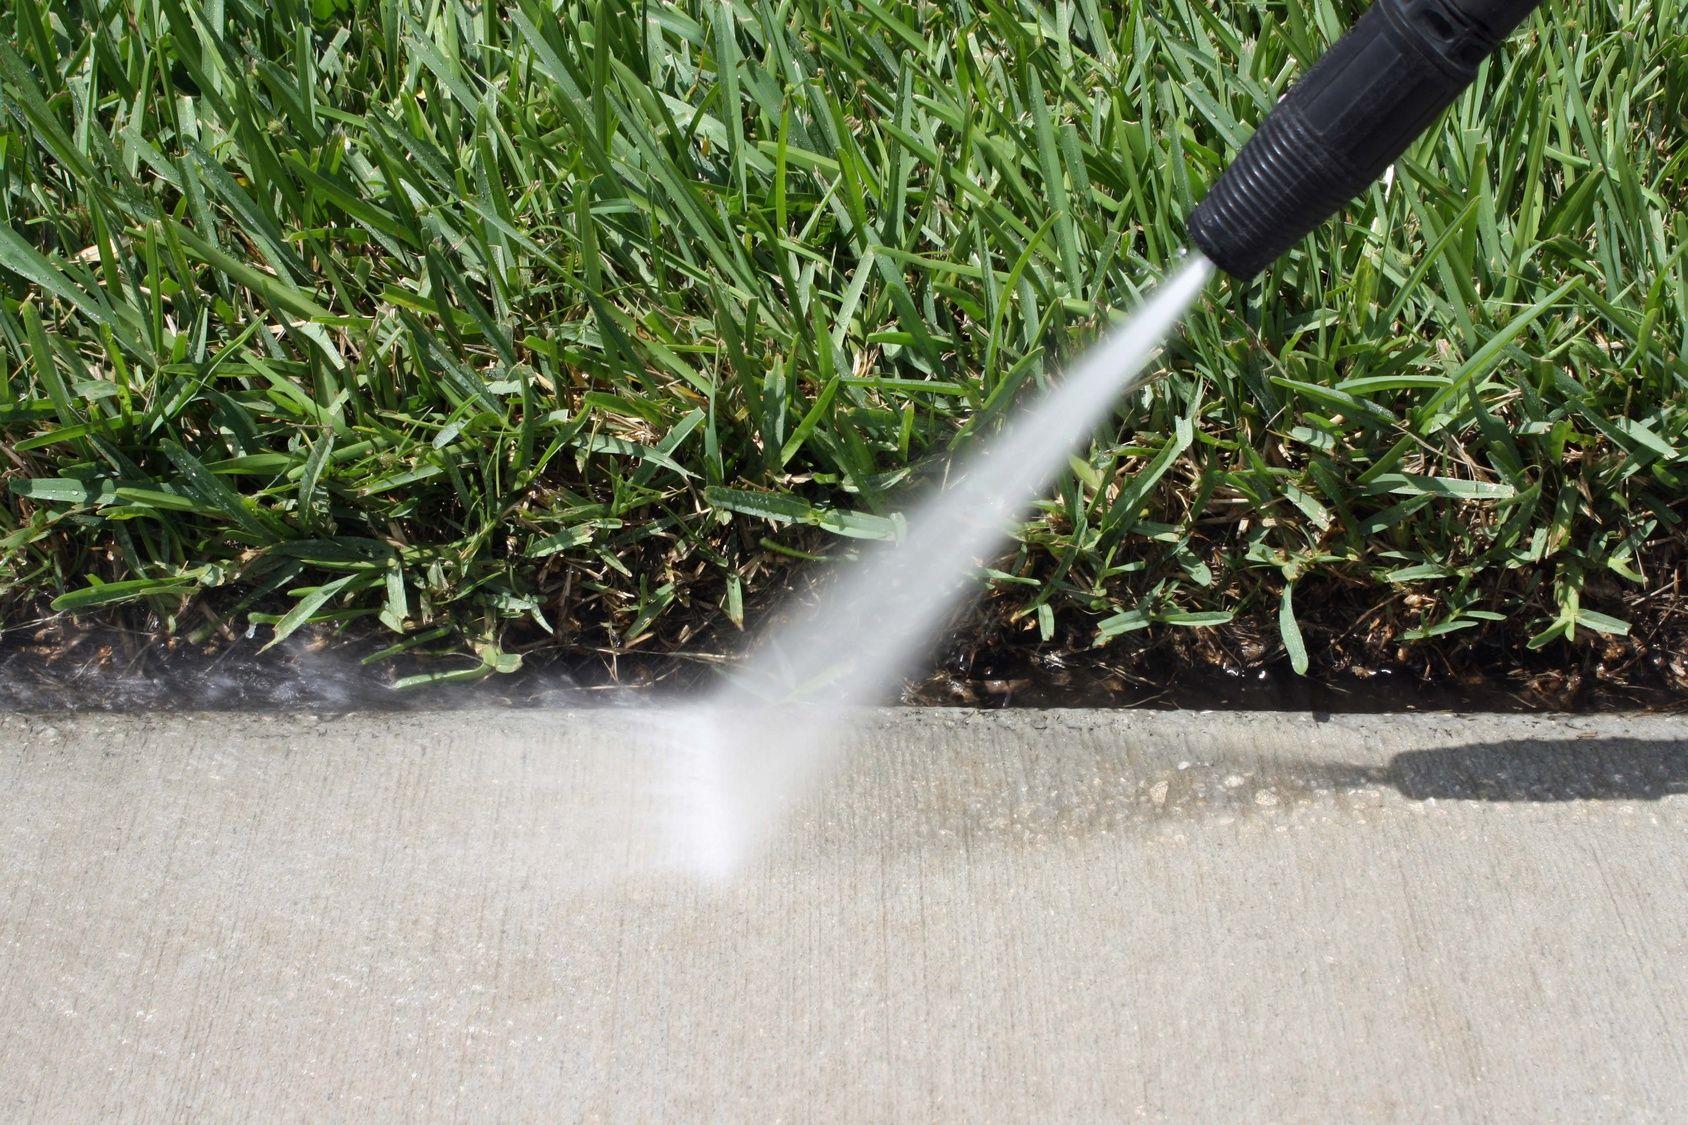 Comment Nettoyer La Terrasse En Pierre rinçage à haute pression du béton | nettoyage terrasse